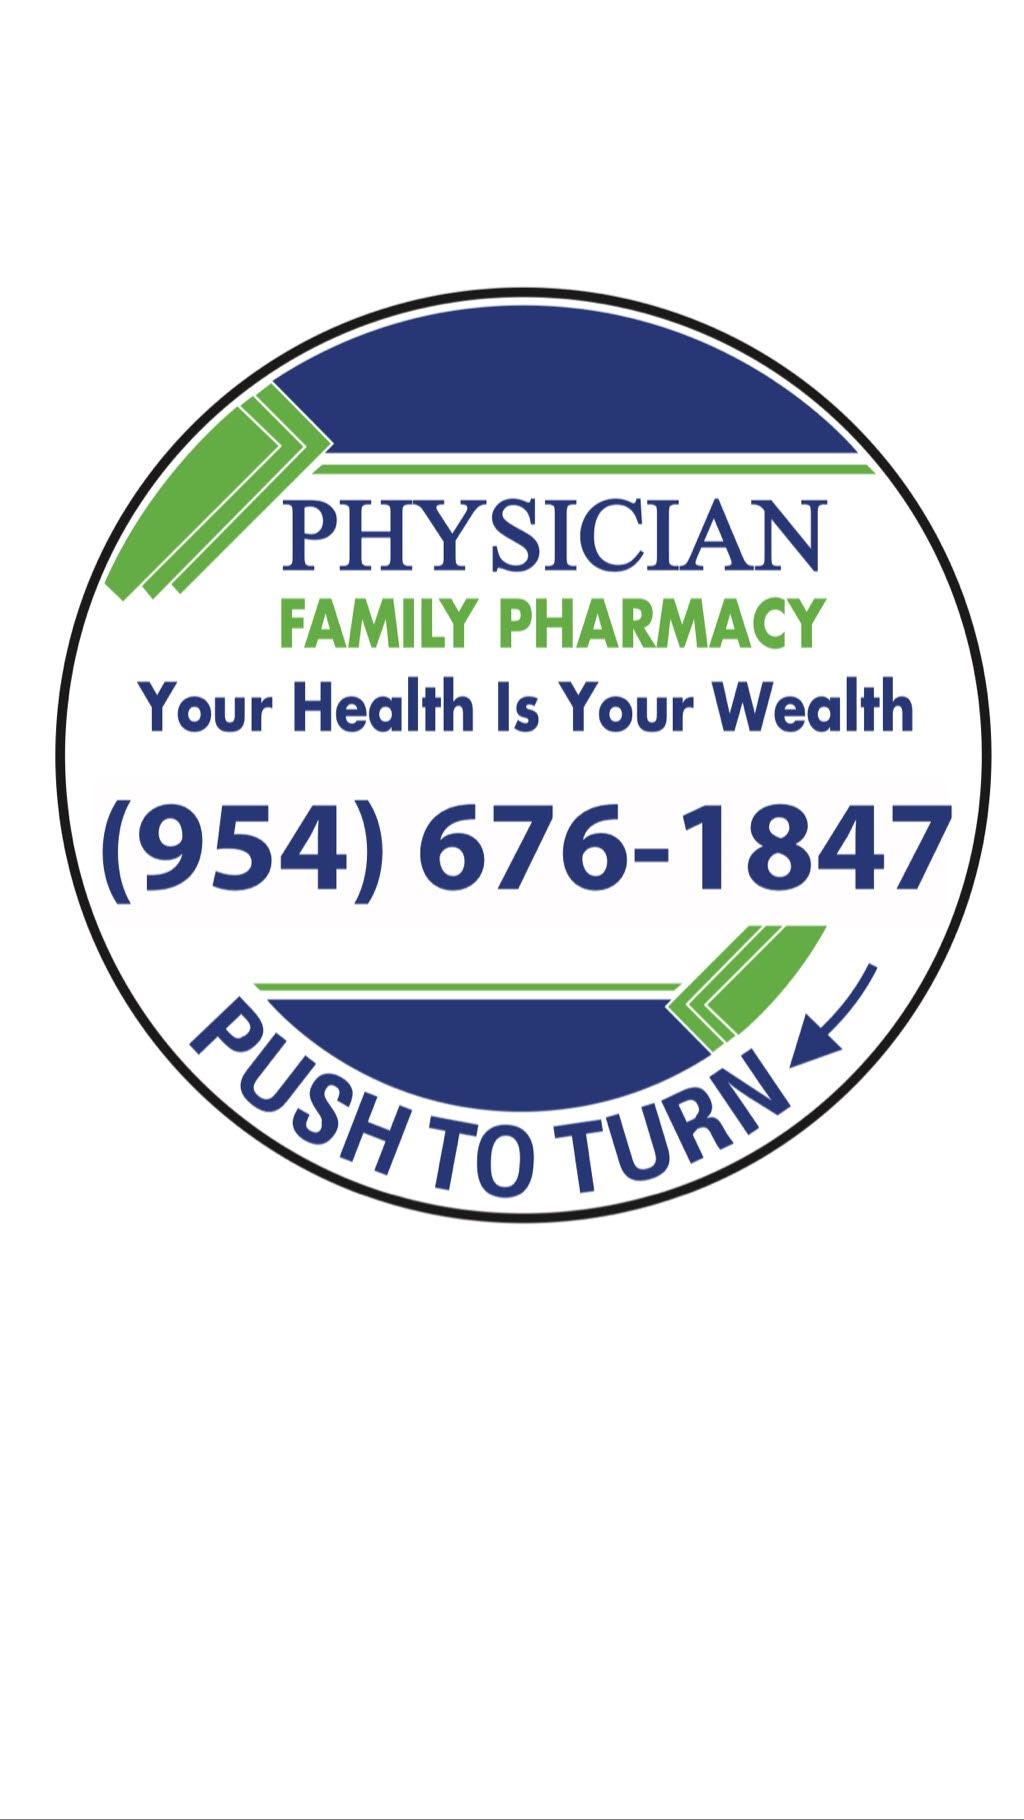 Physician Family Pharmacy